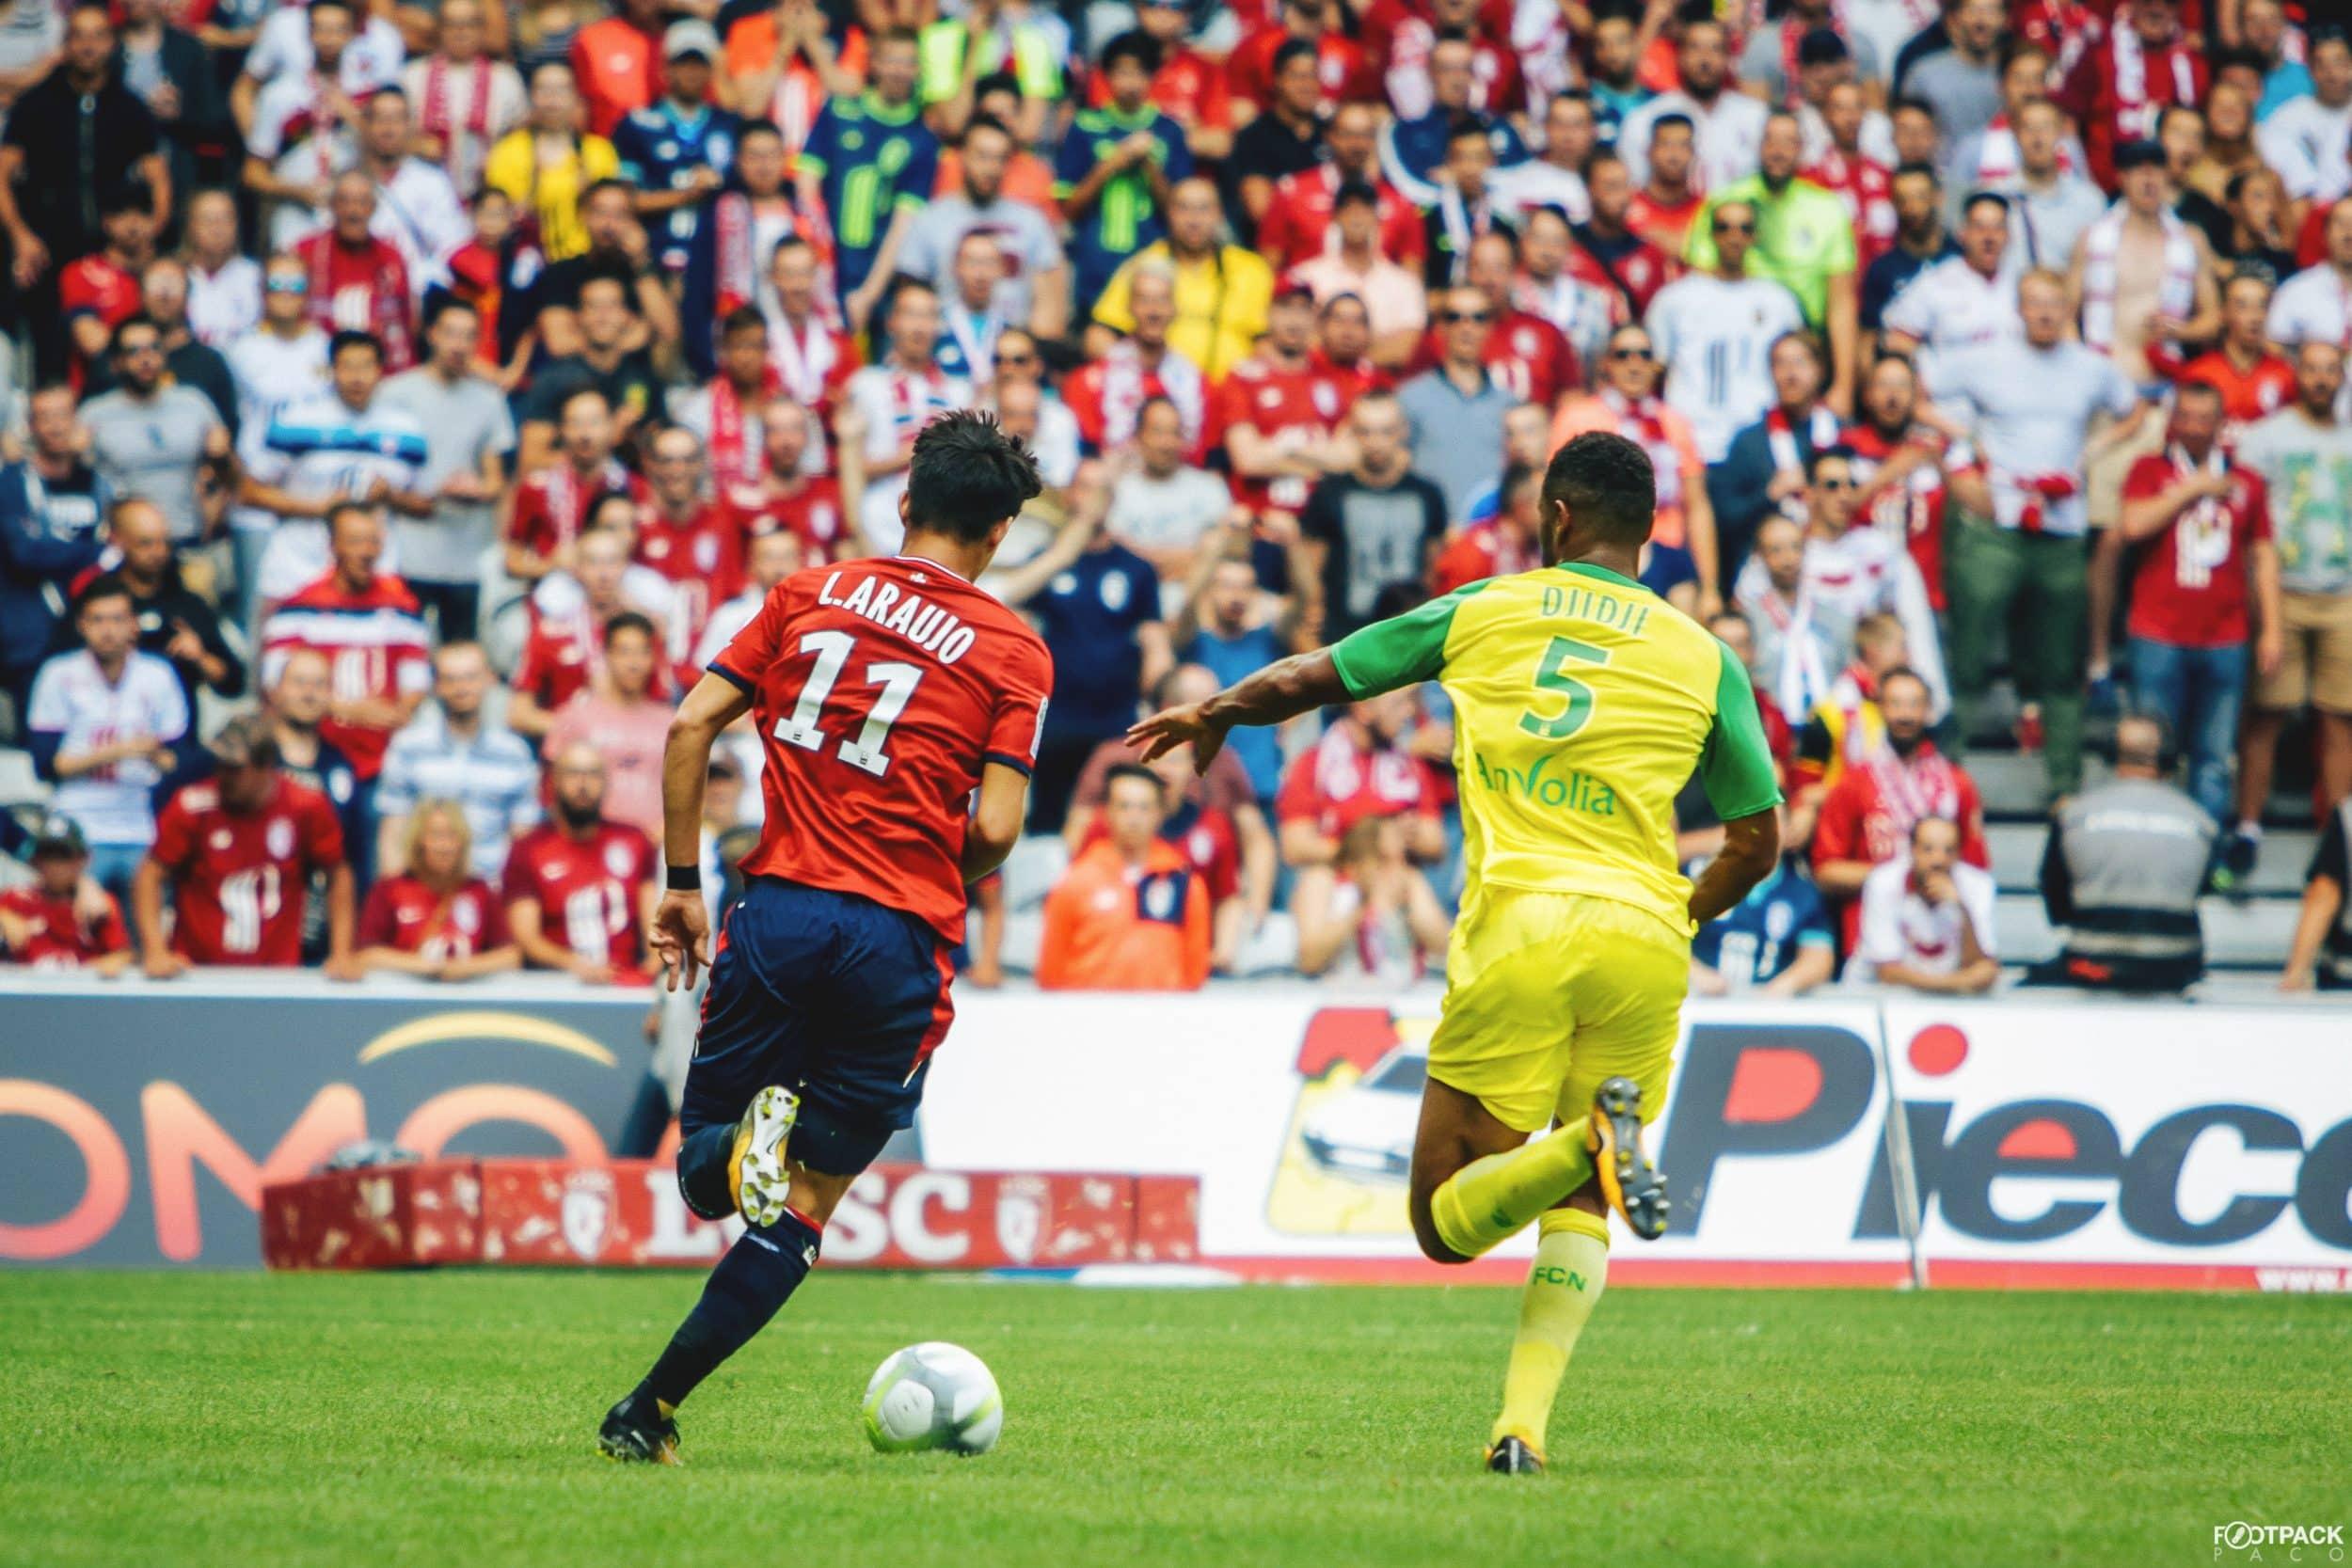 au-stade-new-balance-losc-fcnantes-ligue1-paco-13